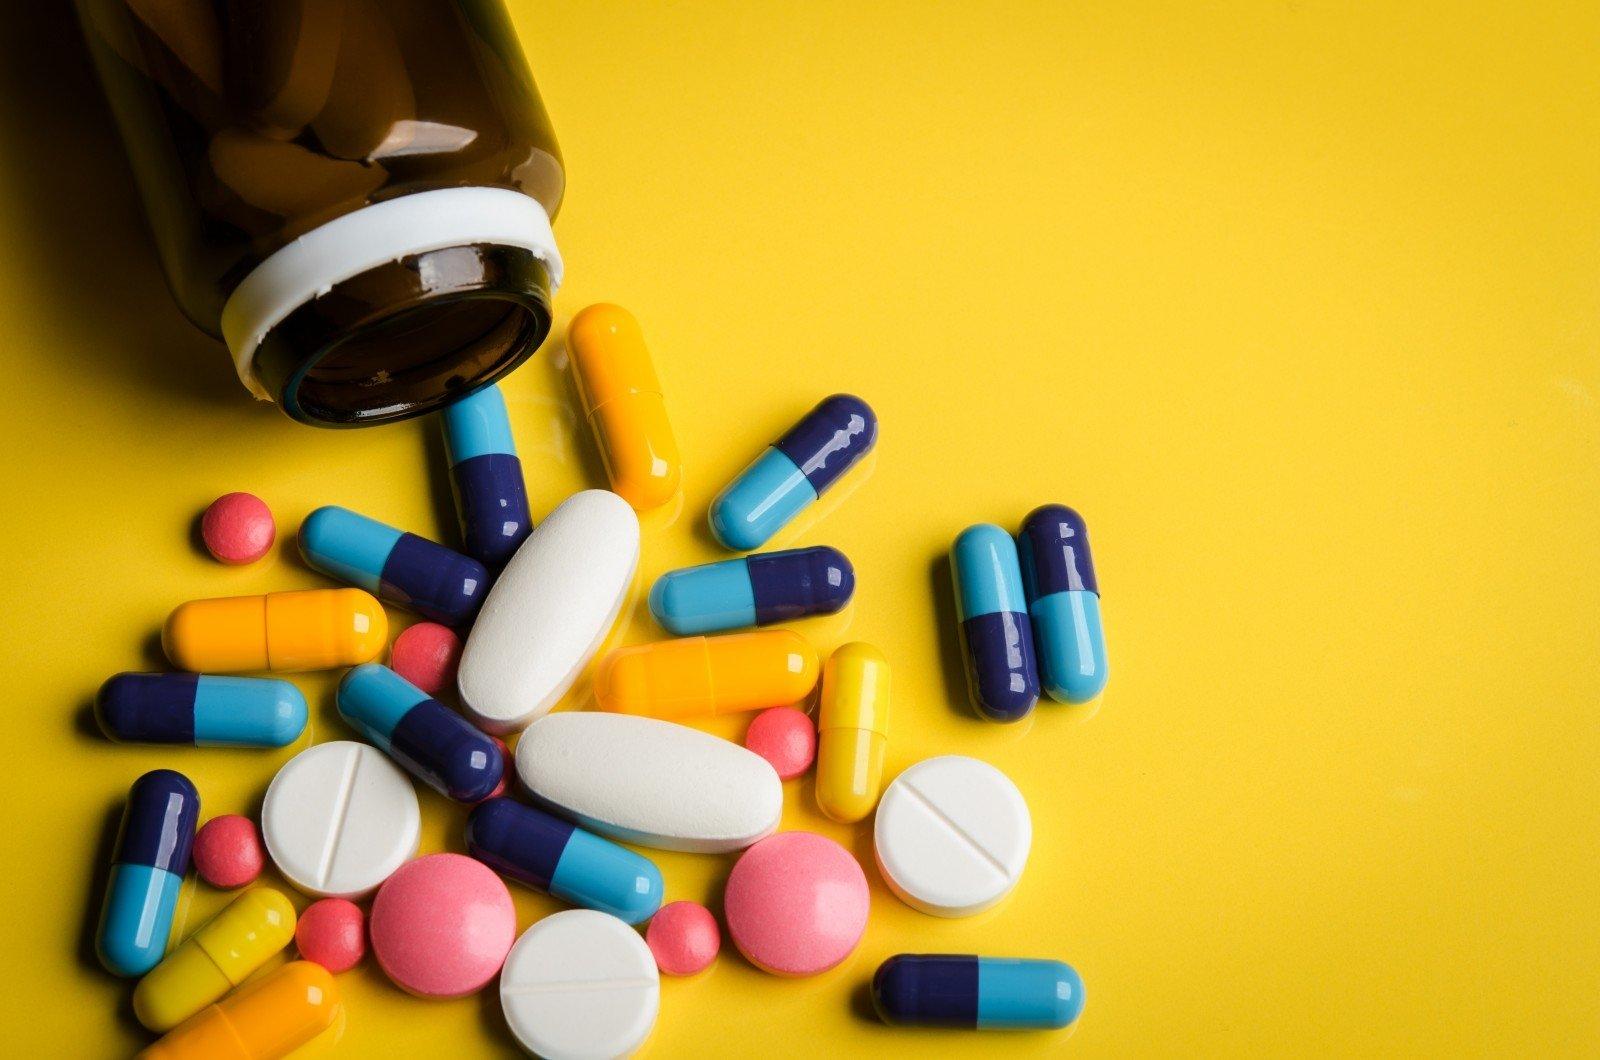 Фармкомпании в России ограничили выпуск жизненно важных лекарств